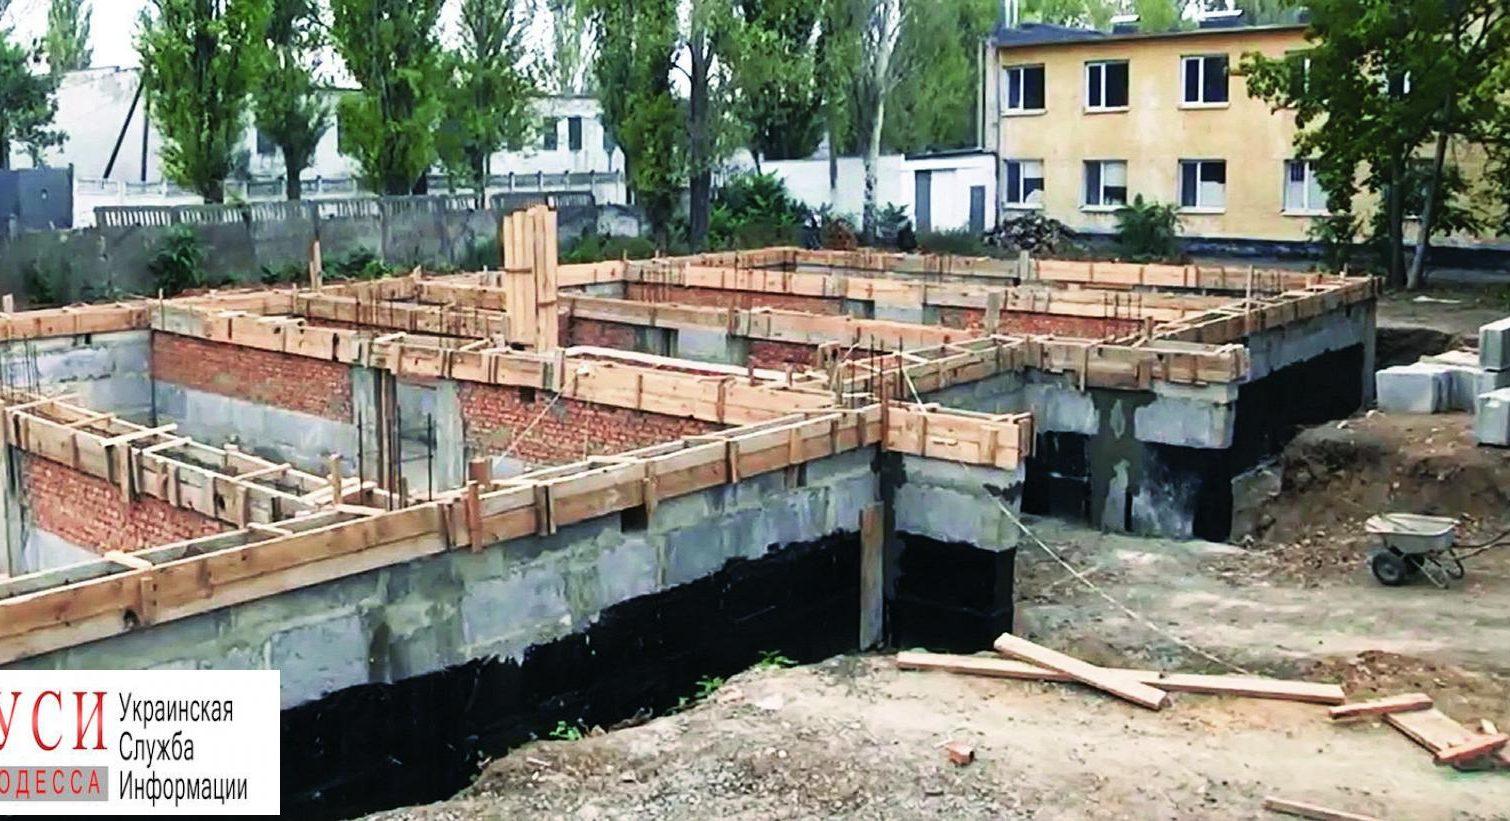 В Одесской области растратили почти 21 миллион на строительстве казарм «фото»